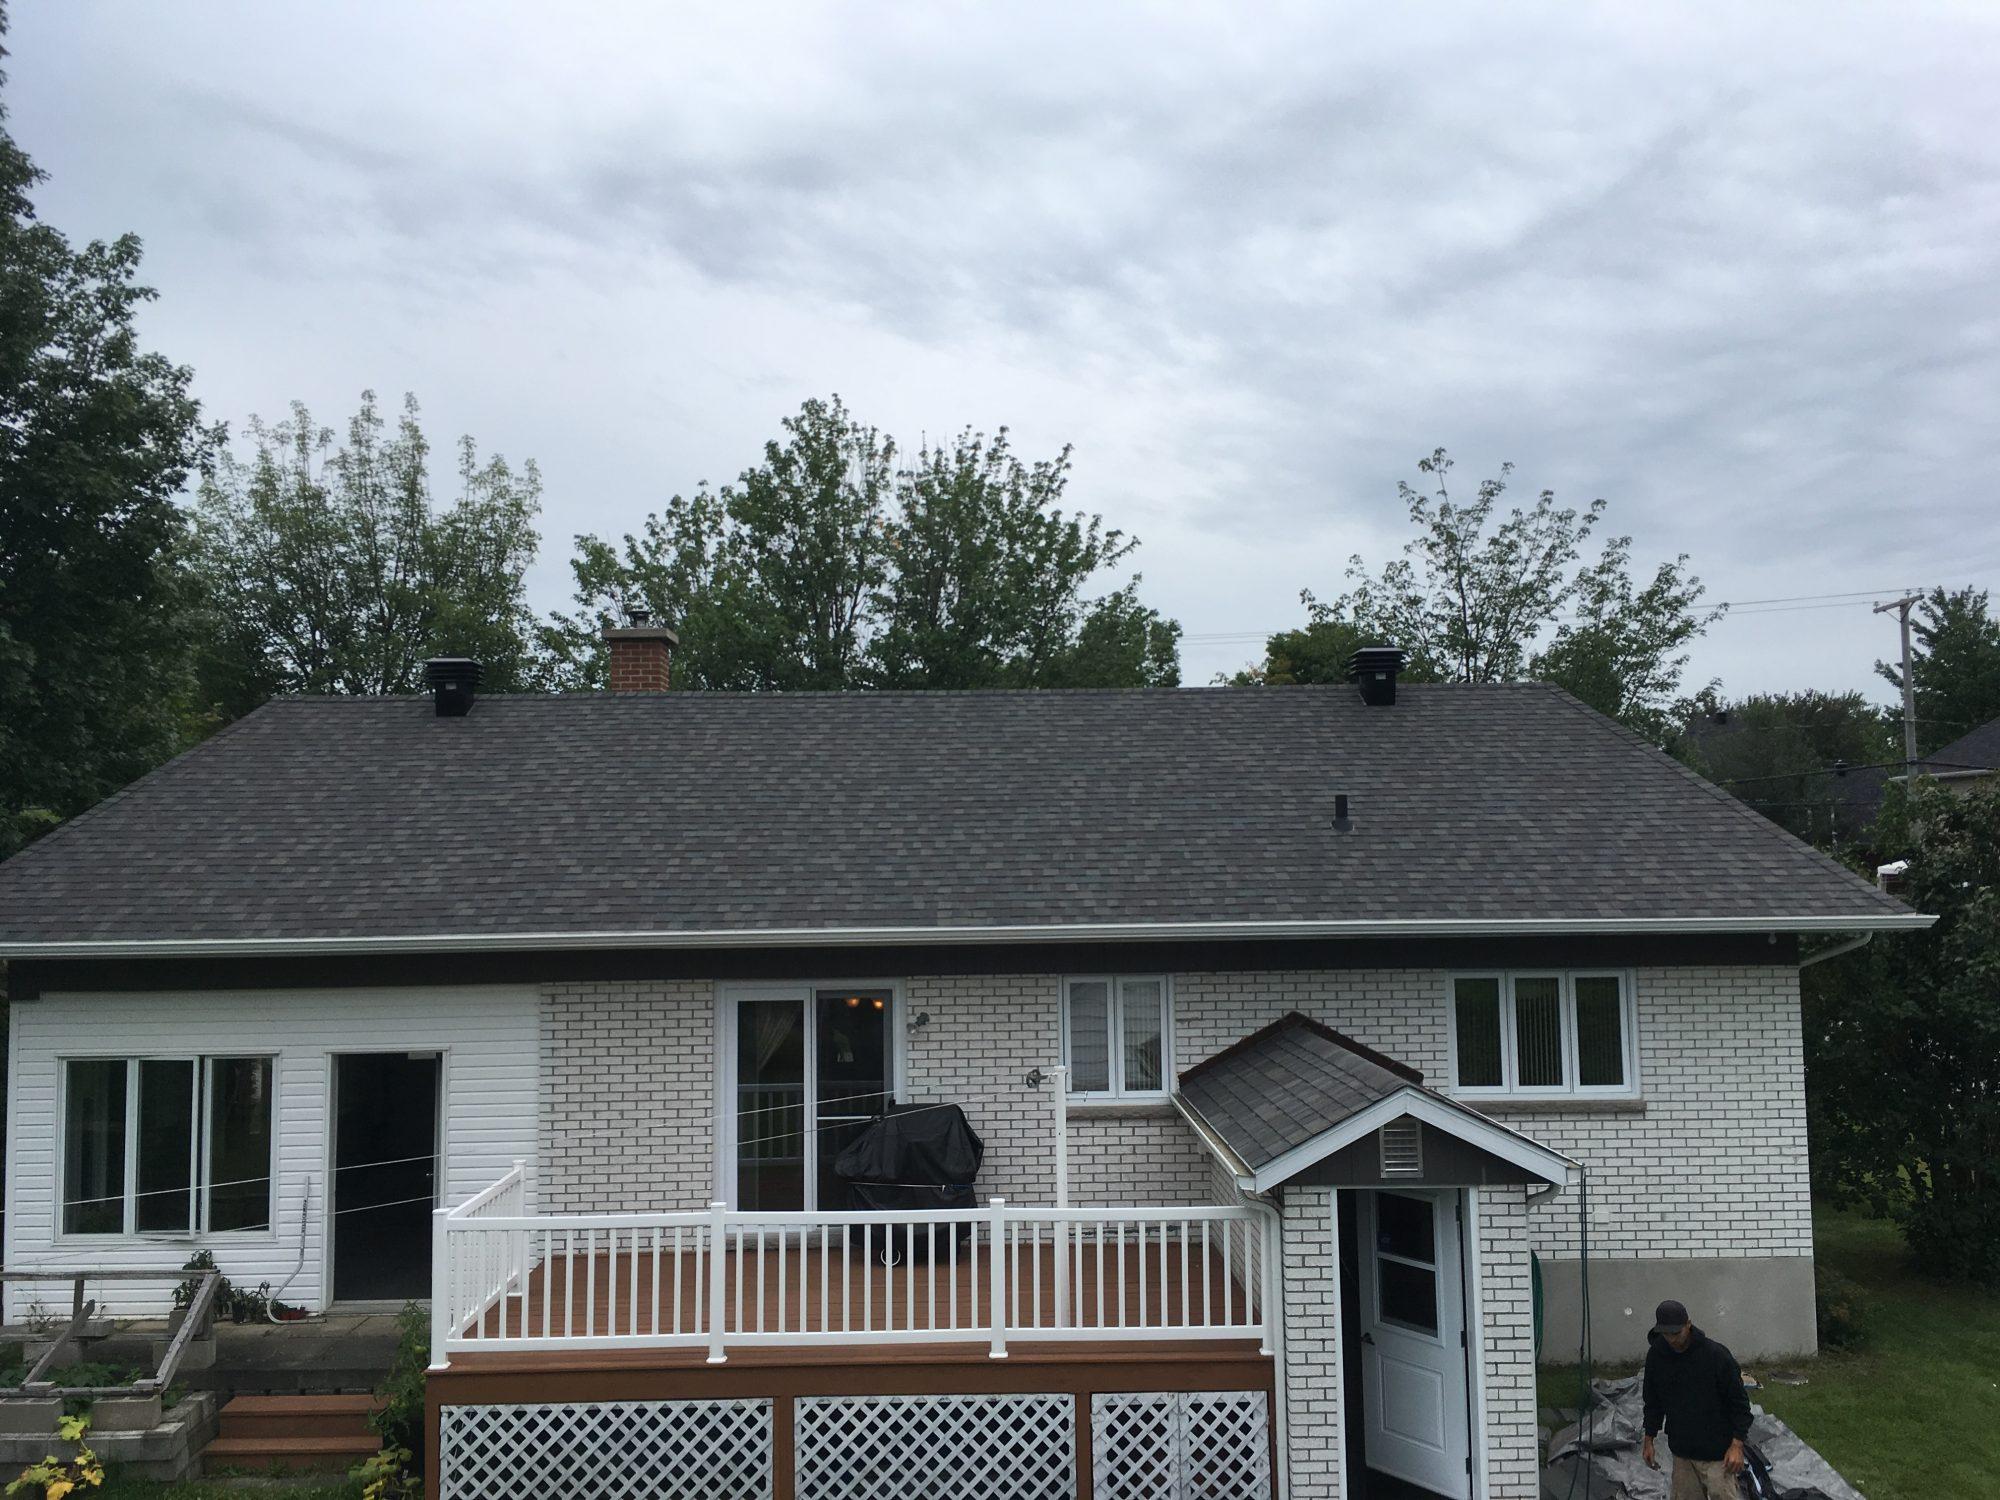 Réfection et réparation de toitures